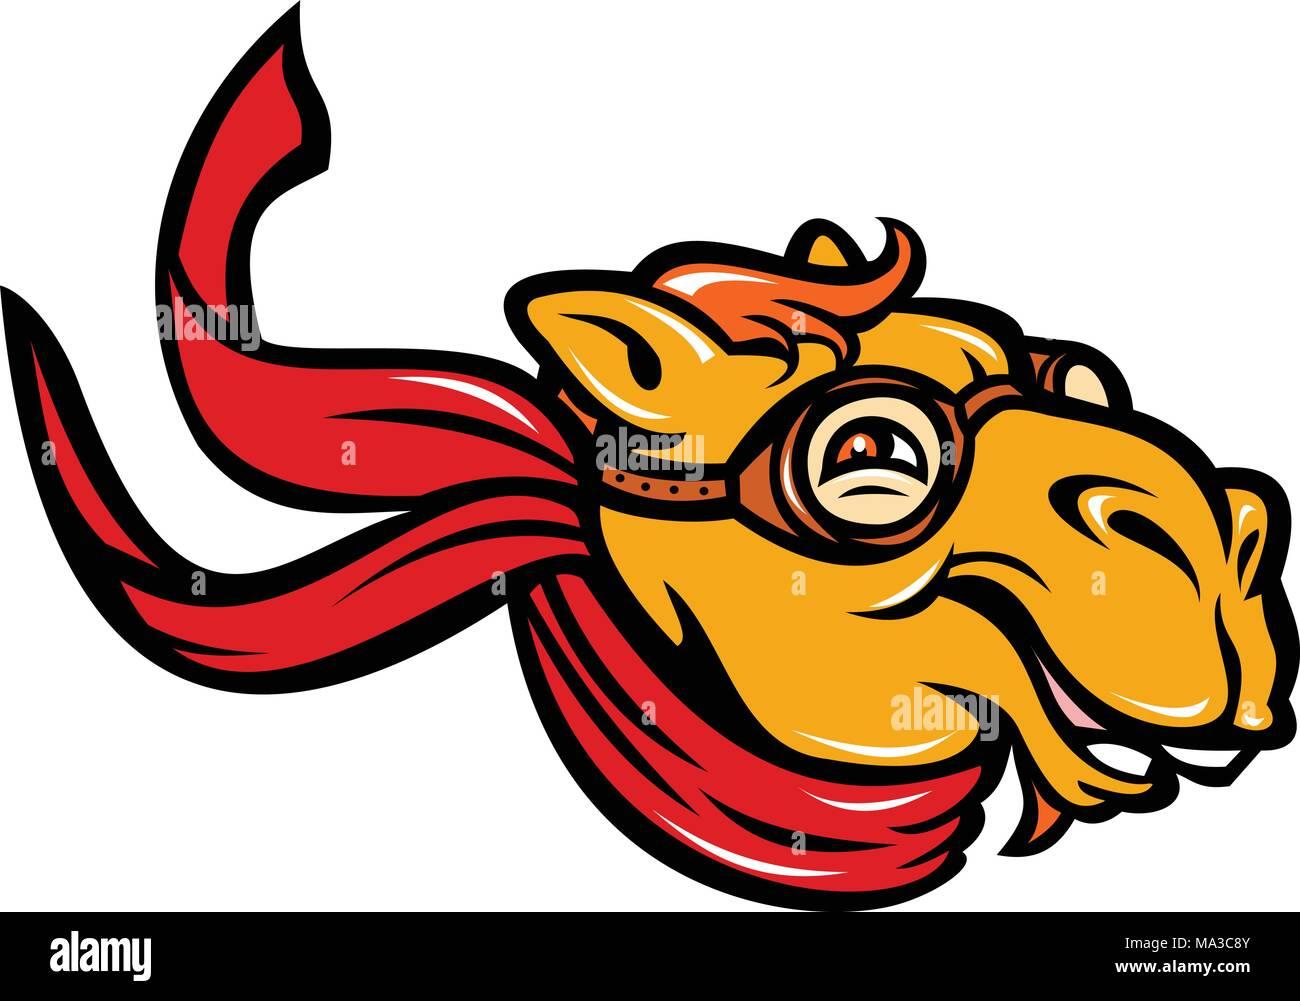 Icono de mascota ilustración de un camello bactriano (Camelus bactrianus)  una gran ed228a693be